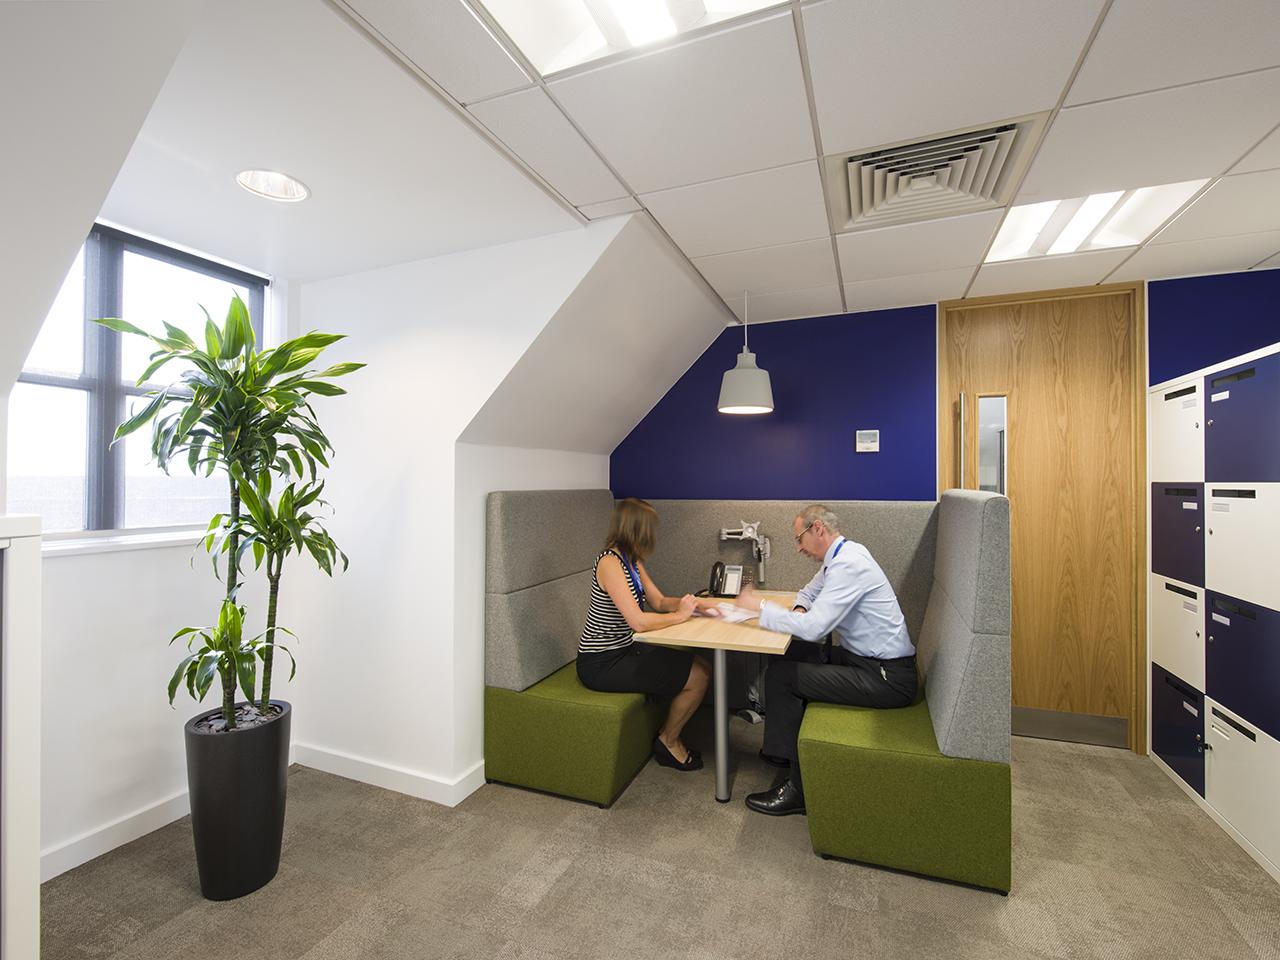 Зонирование пространства комнаты и квартиры: идеи и варианты современного зонирования